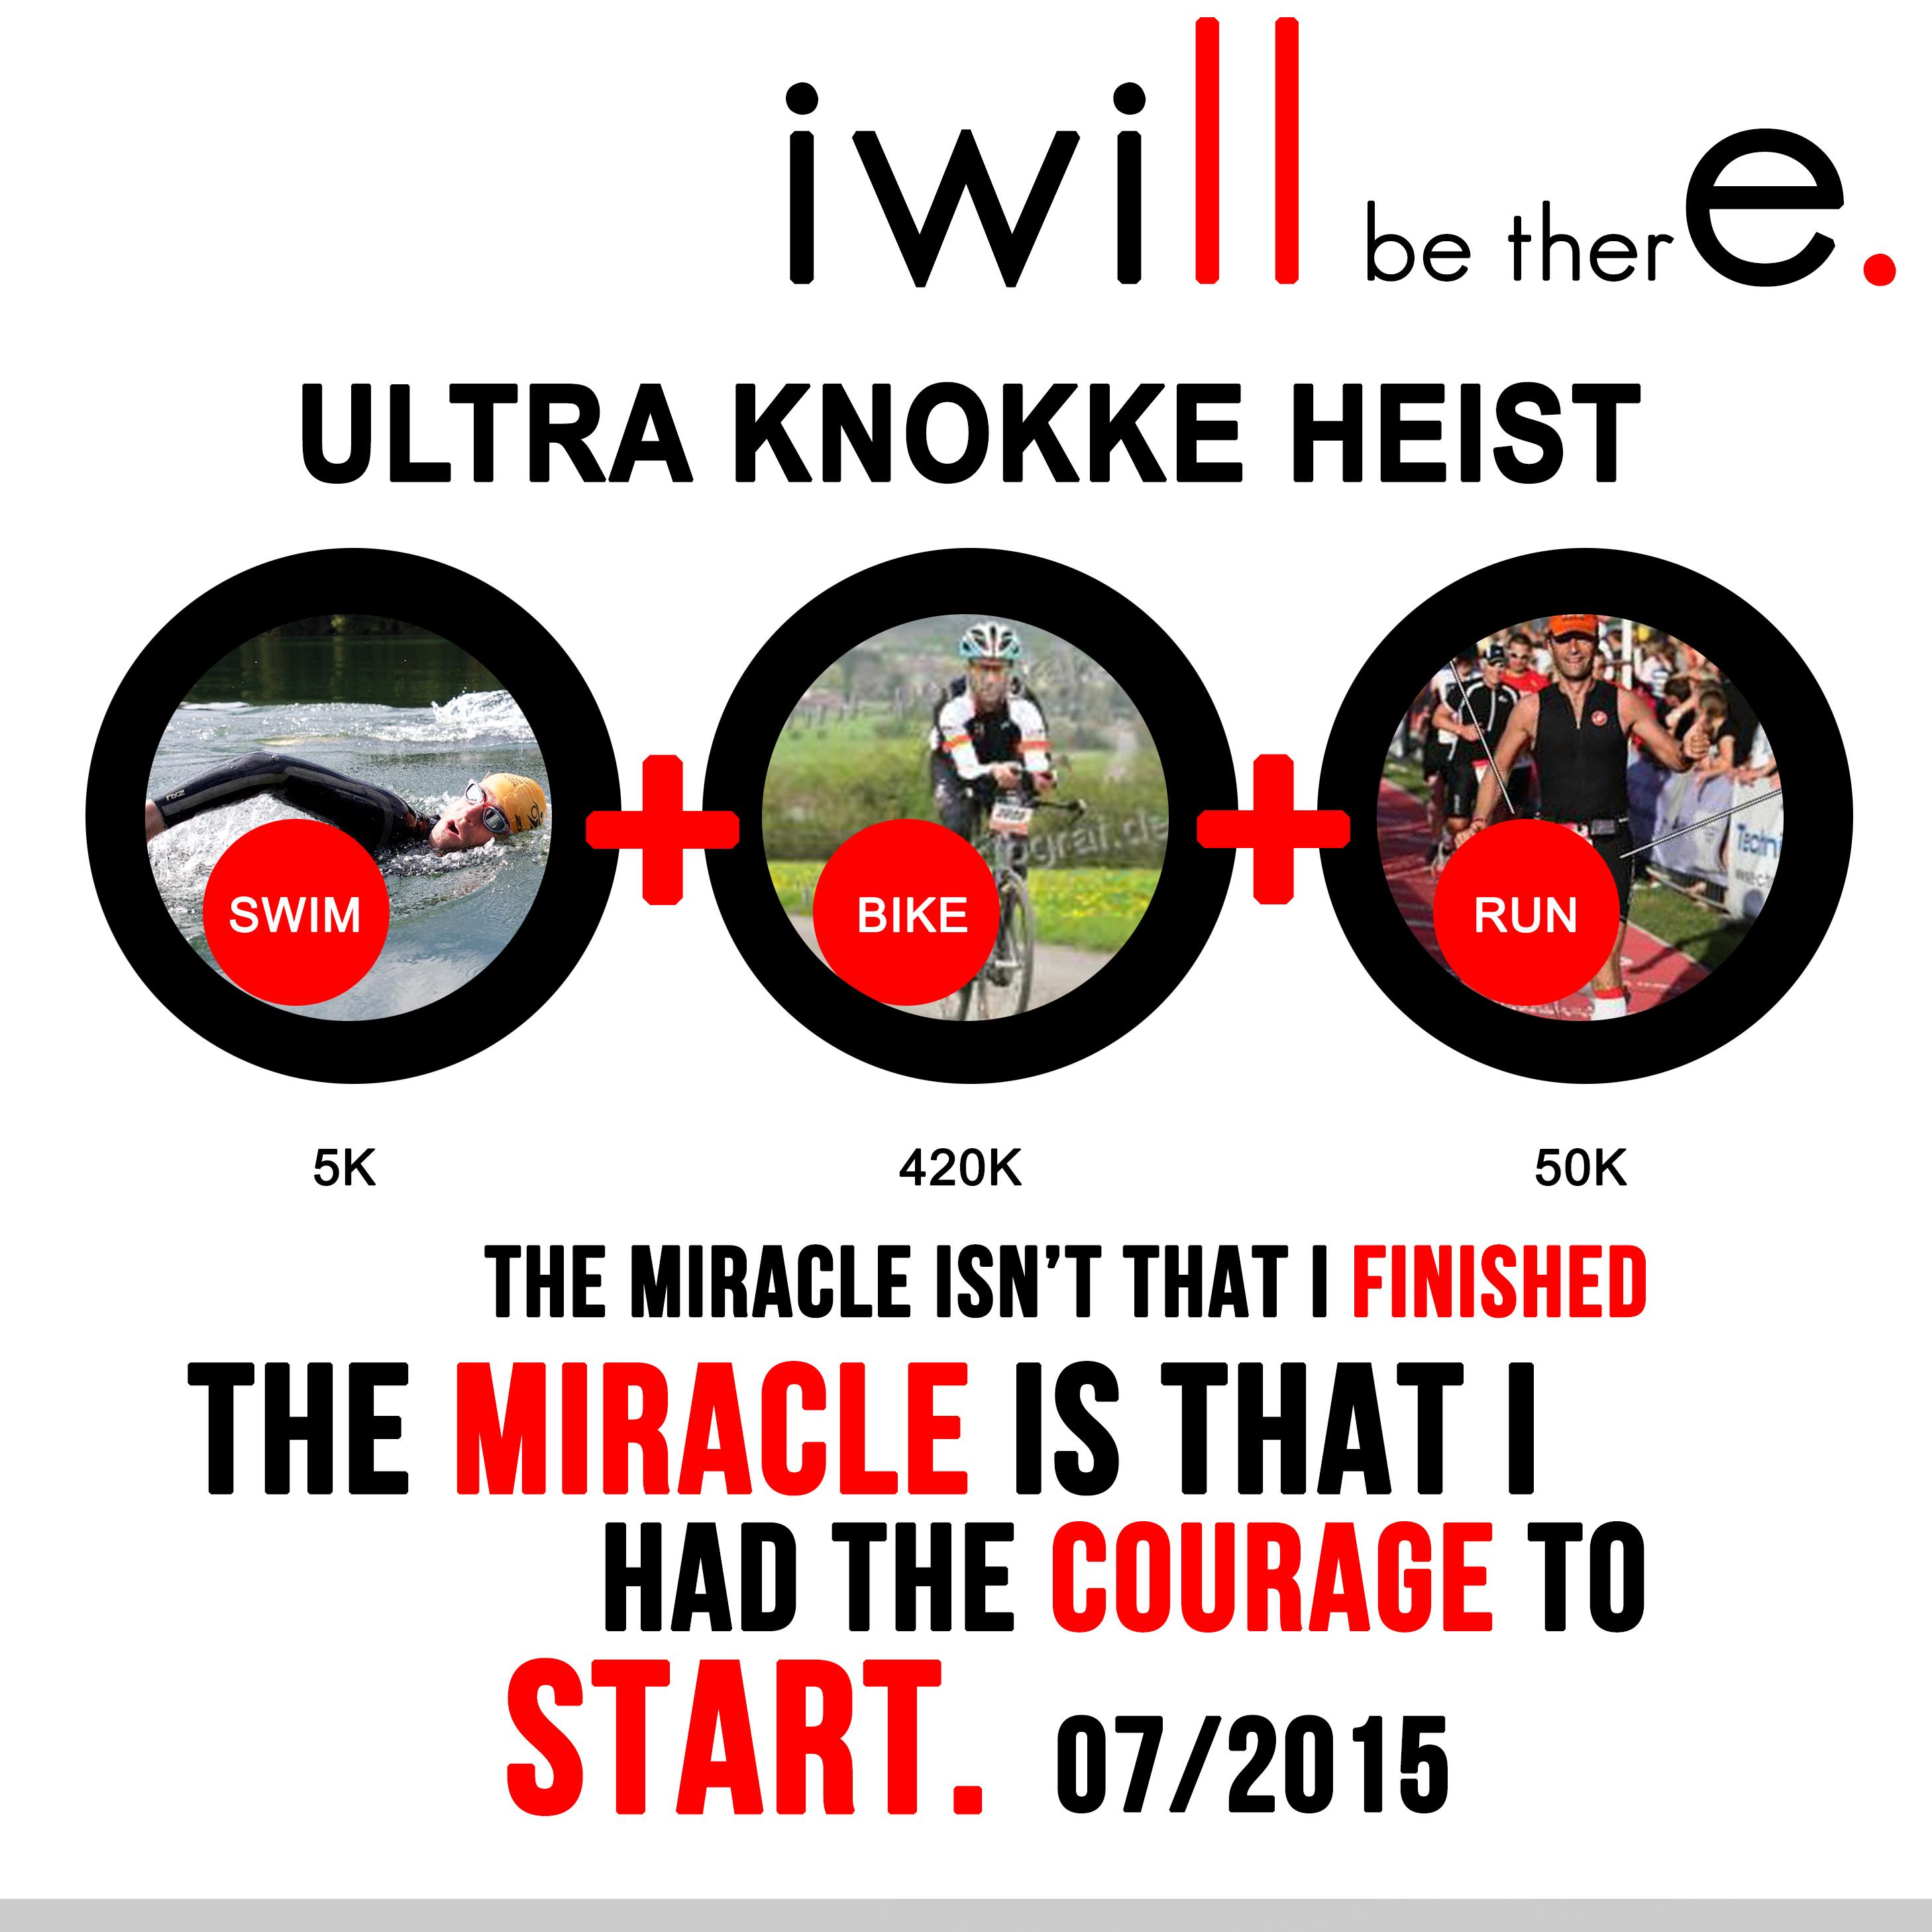 Arnaud de Meester, se lance un nouveau défi, l'Ultra Knokke Heist – rendez-vous pris début juillet 2015 !